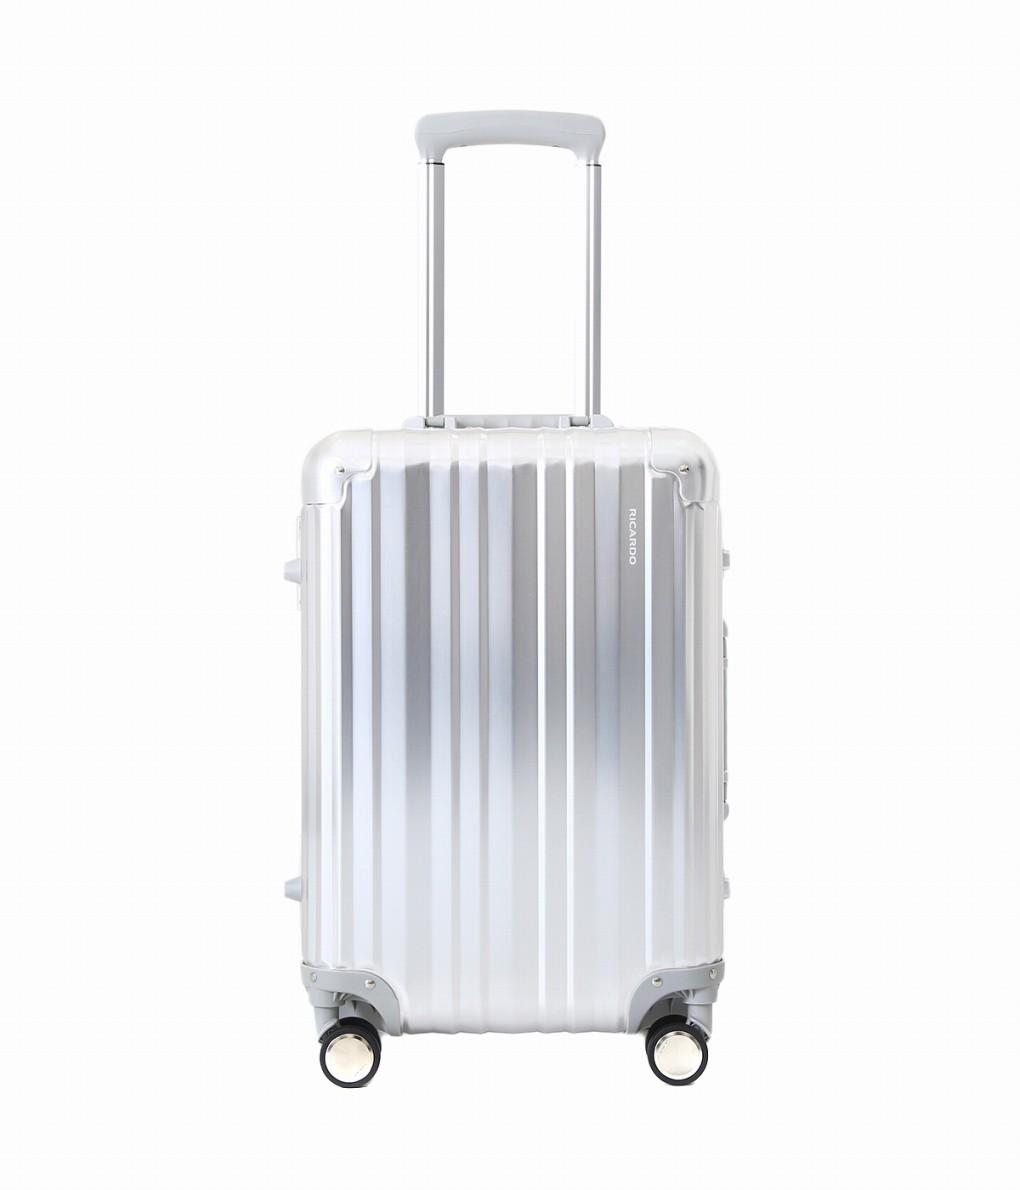 RICARDO / リカルド : Aileron 20-inch Spinner Suitcase : エルロン 20インチ スピナー スーツケース ハードケース トラベルケース トラベルバッグ キャリーバッグ メンズ : 18982021203 【MUS】